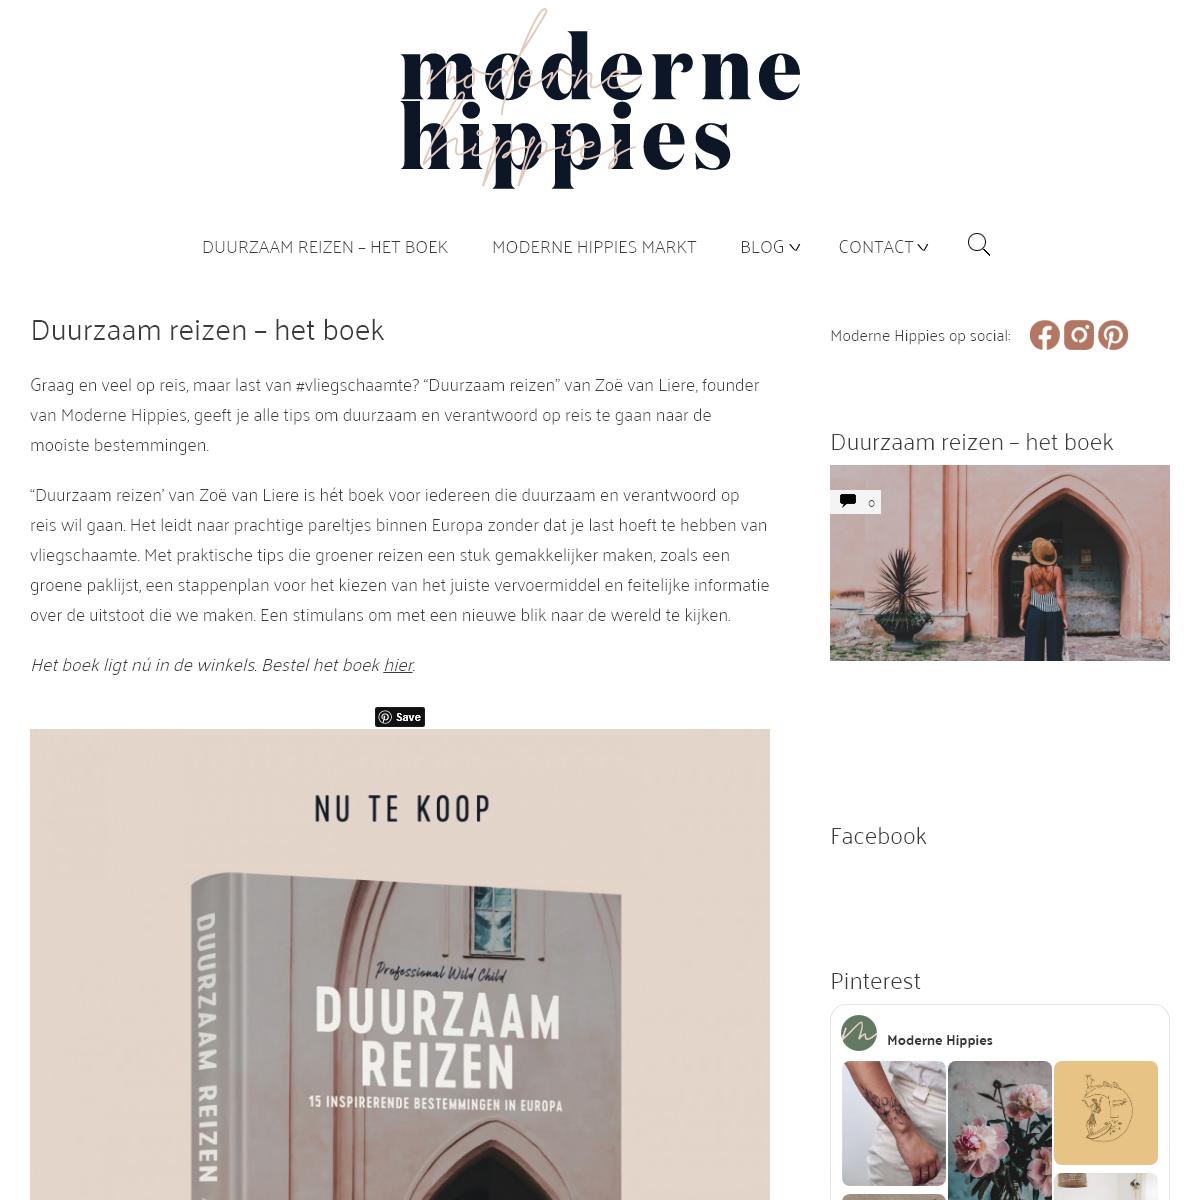 Duurzaam reizen - Moderne Hippies